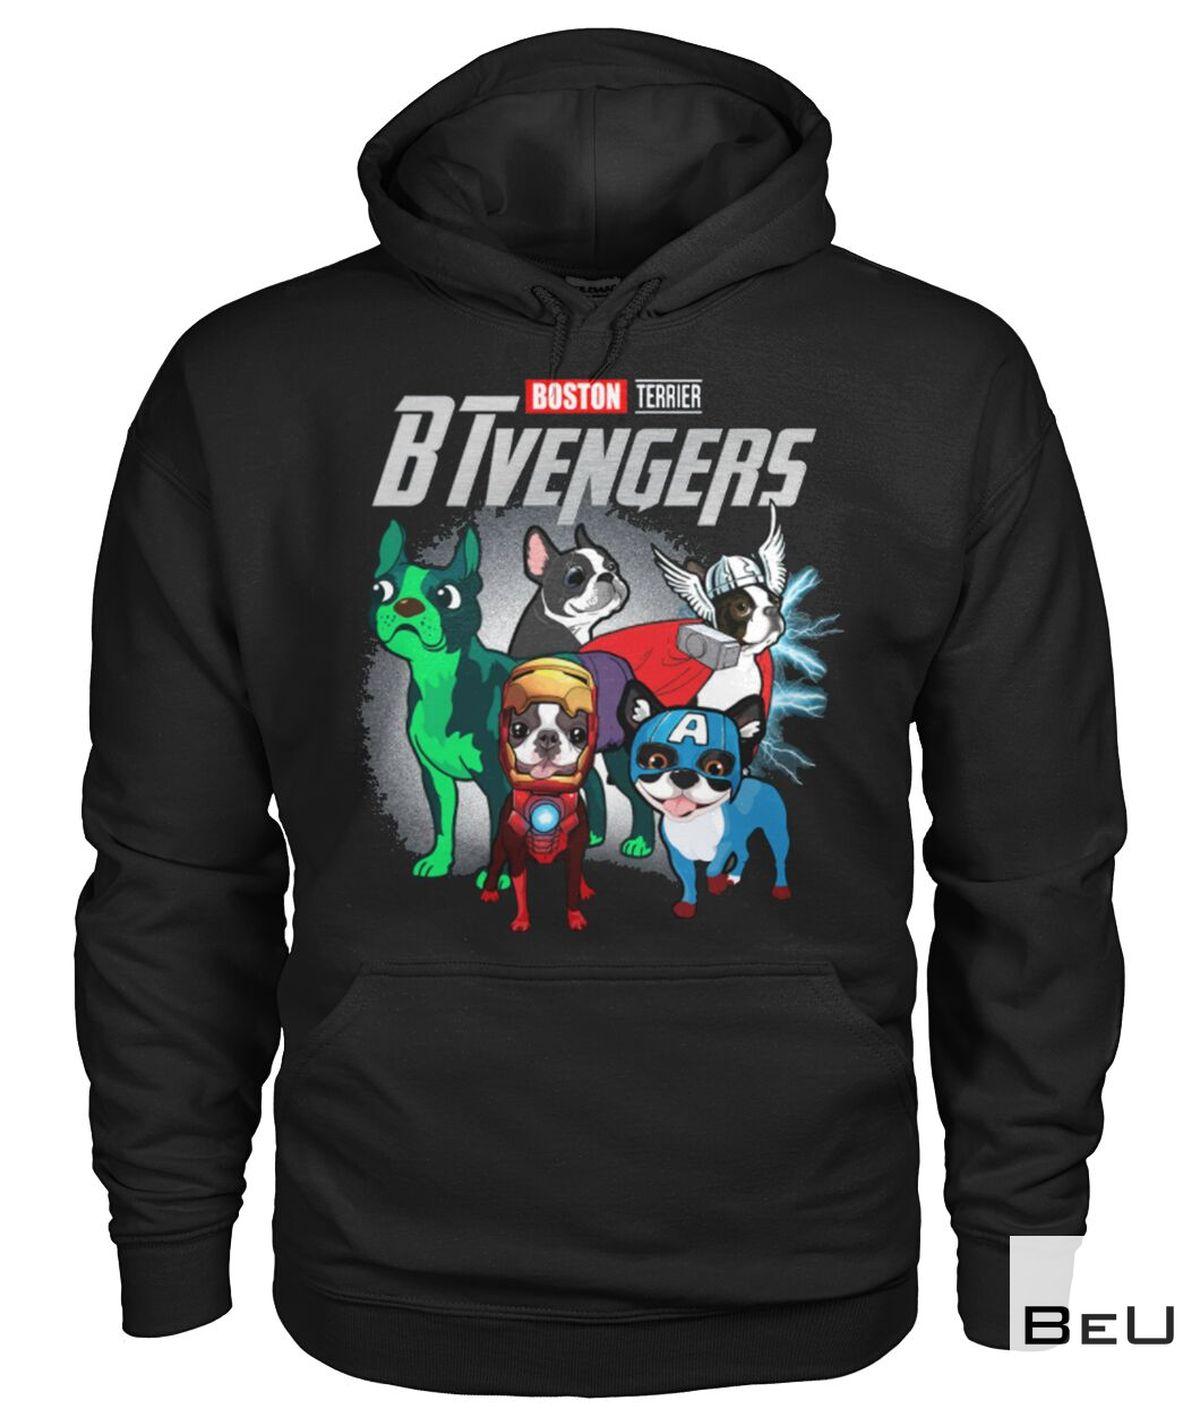 Boston Terrier BTvengers Avengers Shirtz